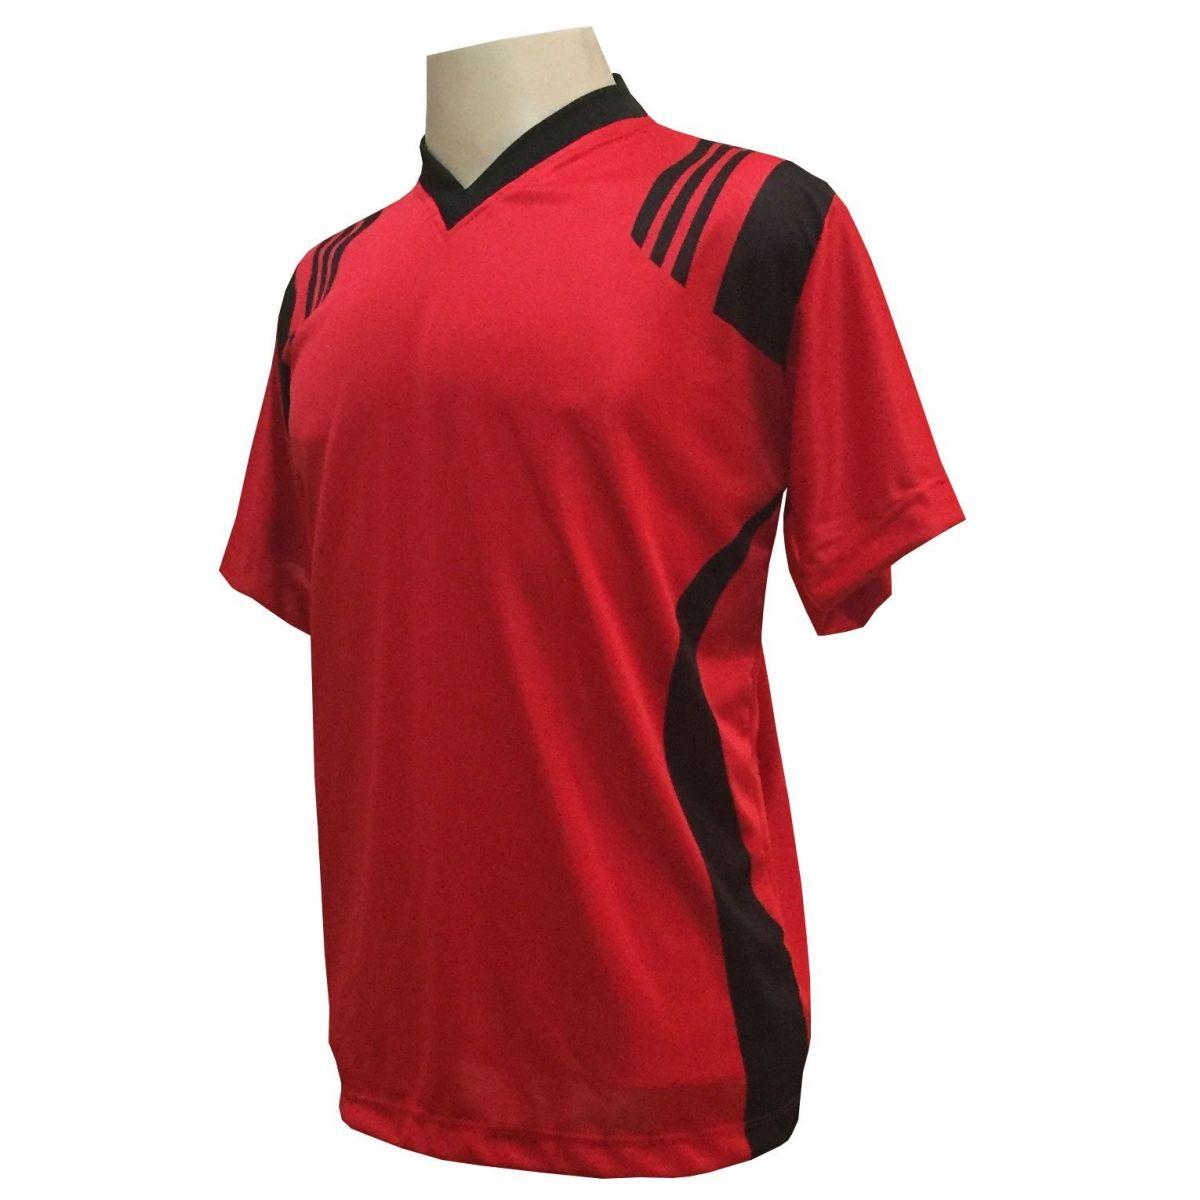 3dfc3dfe04320 ... Uniforme Esportivo com 18 camisas modelo Roma Vermelho Preto + 18  calções modelo Copa Preto ...